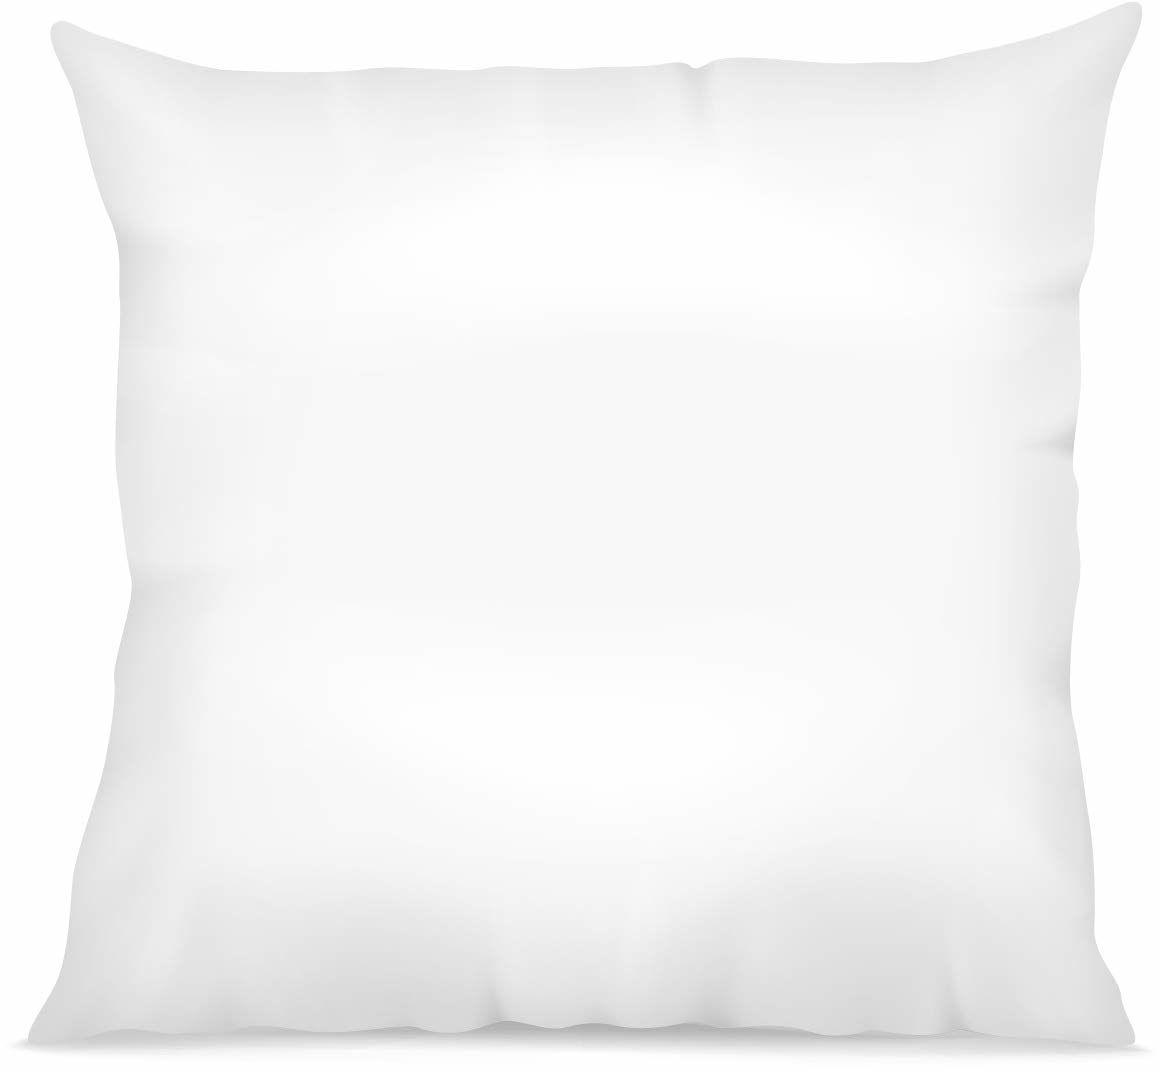 Laurentmortreux biała poduszka, 60 x 60 cm, miękka, poliester, 60 x 60 cm